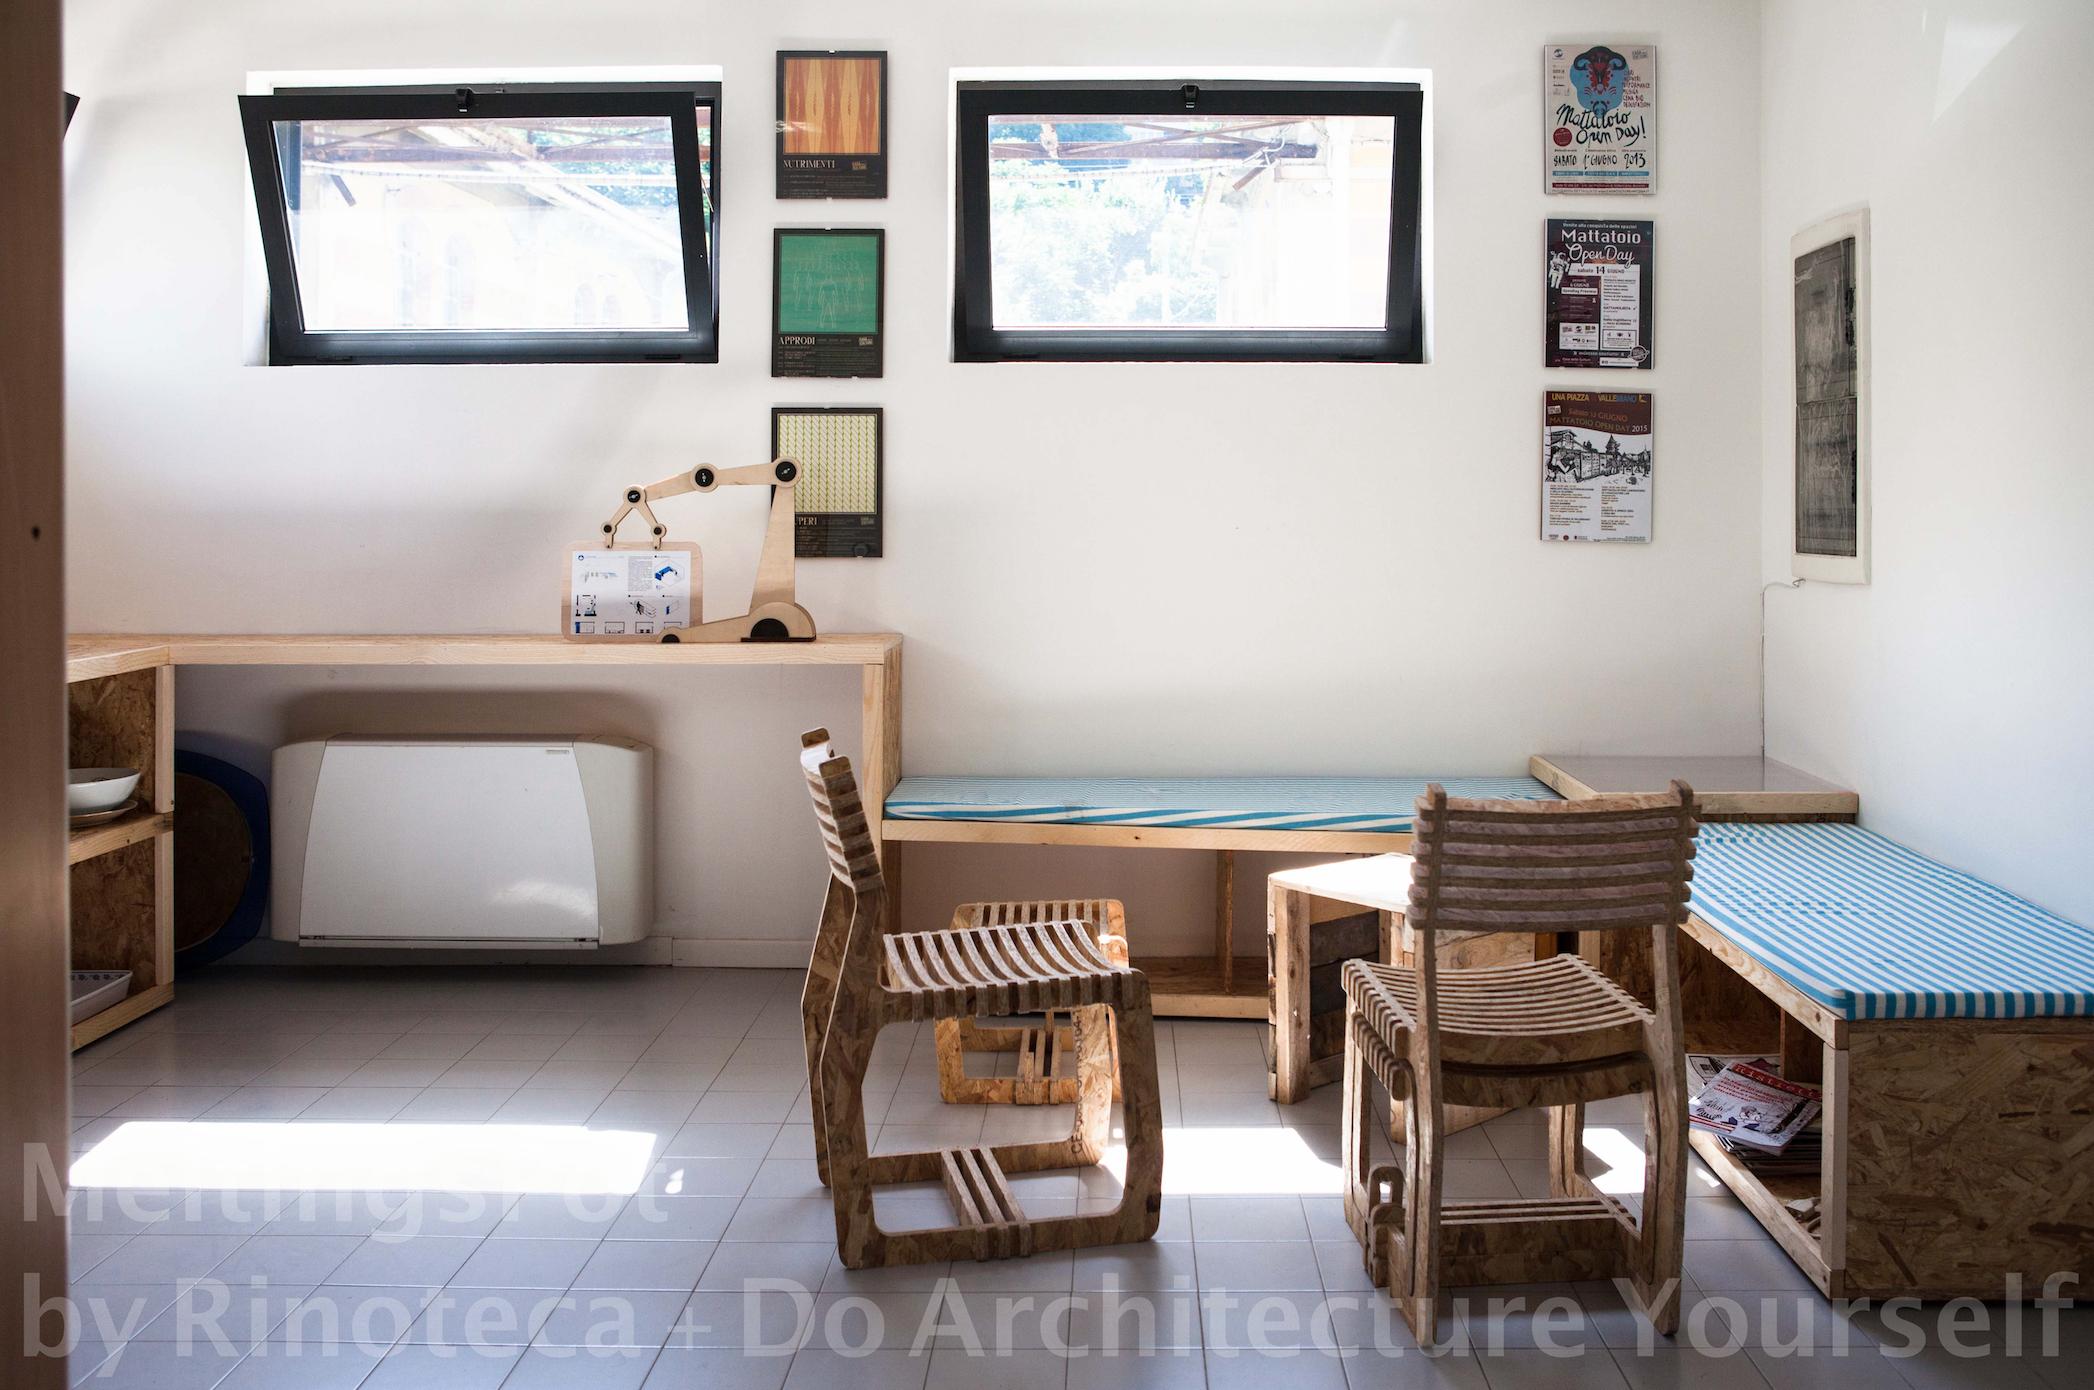 Angolo Bar Per Ufficio : Piccolo angolo bar in casa. di un mobile bar with piccolo angolo bar